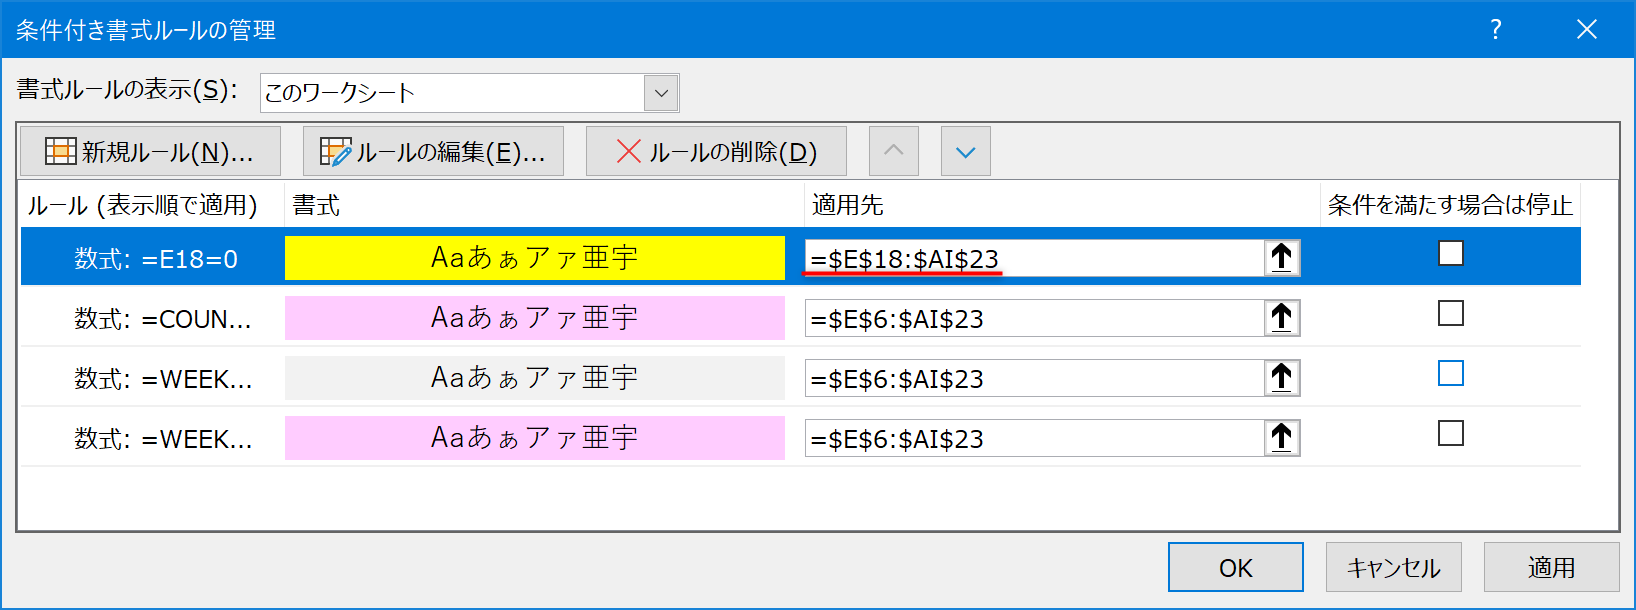 Excelシフト表動画解説記事21